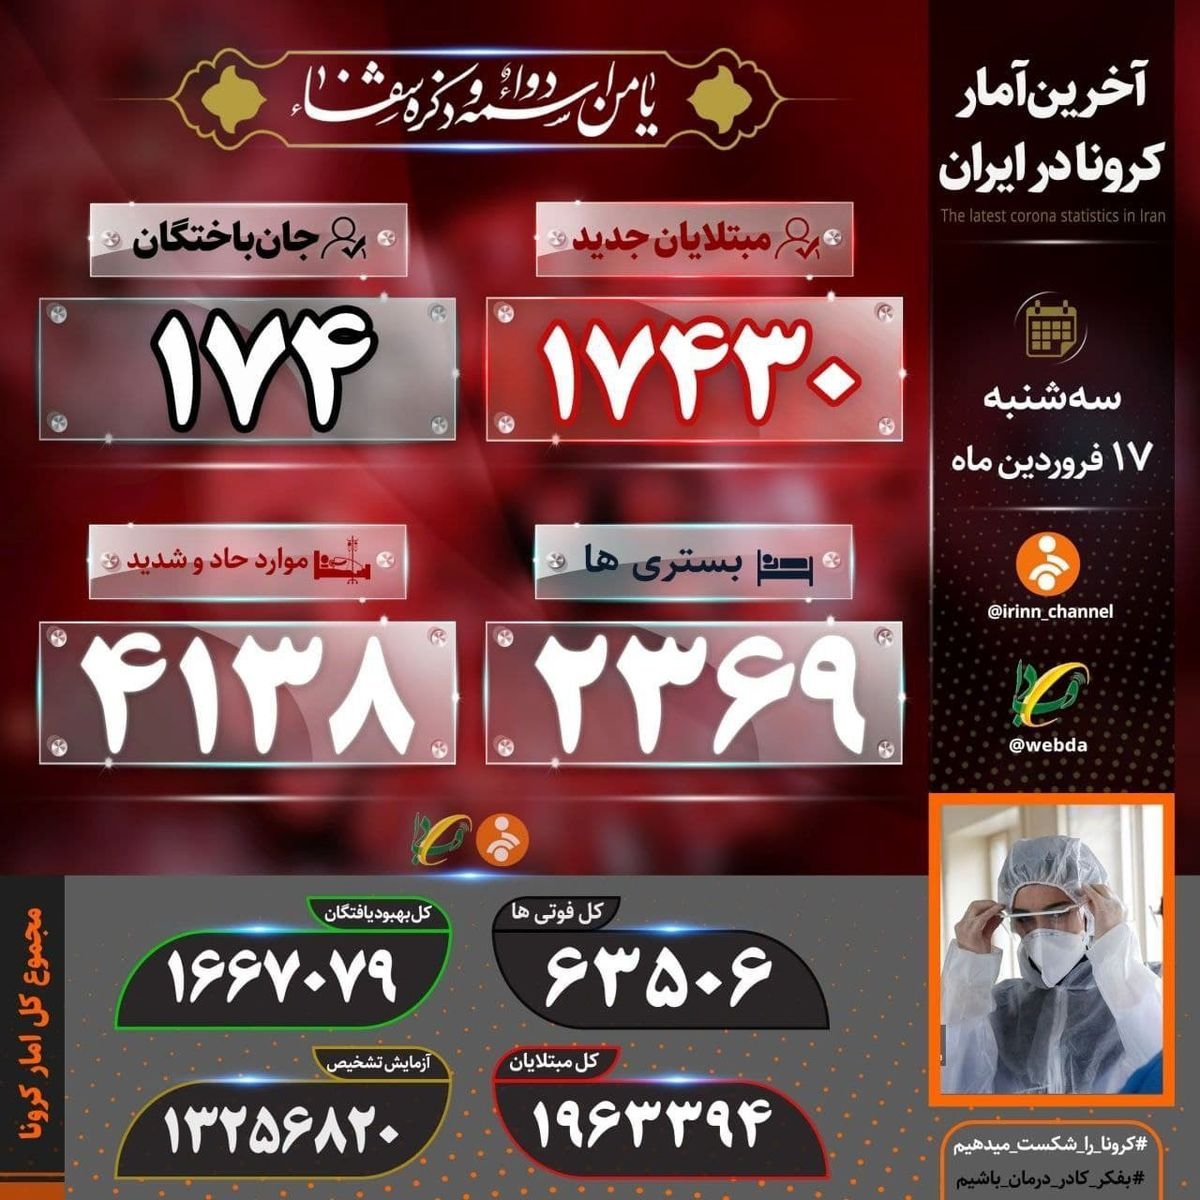 آمار جدید کشته های کرونا در ایران امروز 17 فروردین 1400 + اینفوگرافی